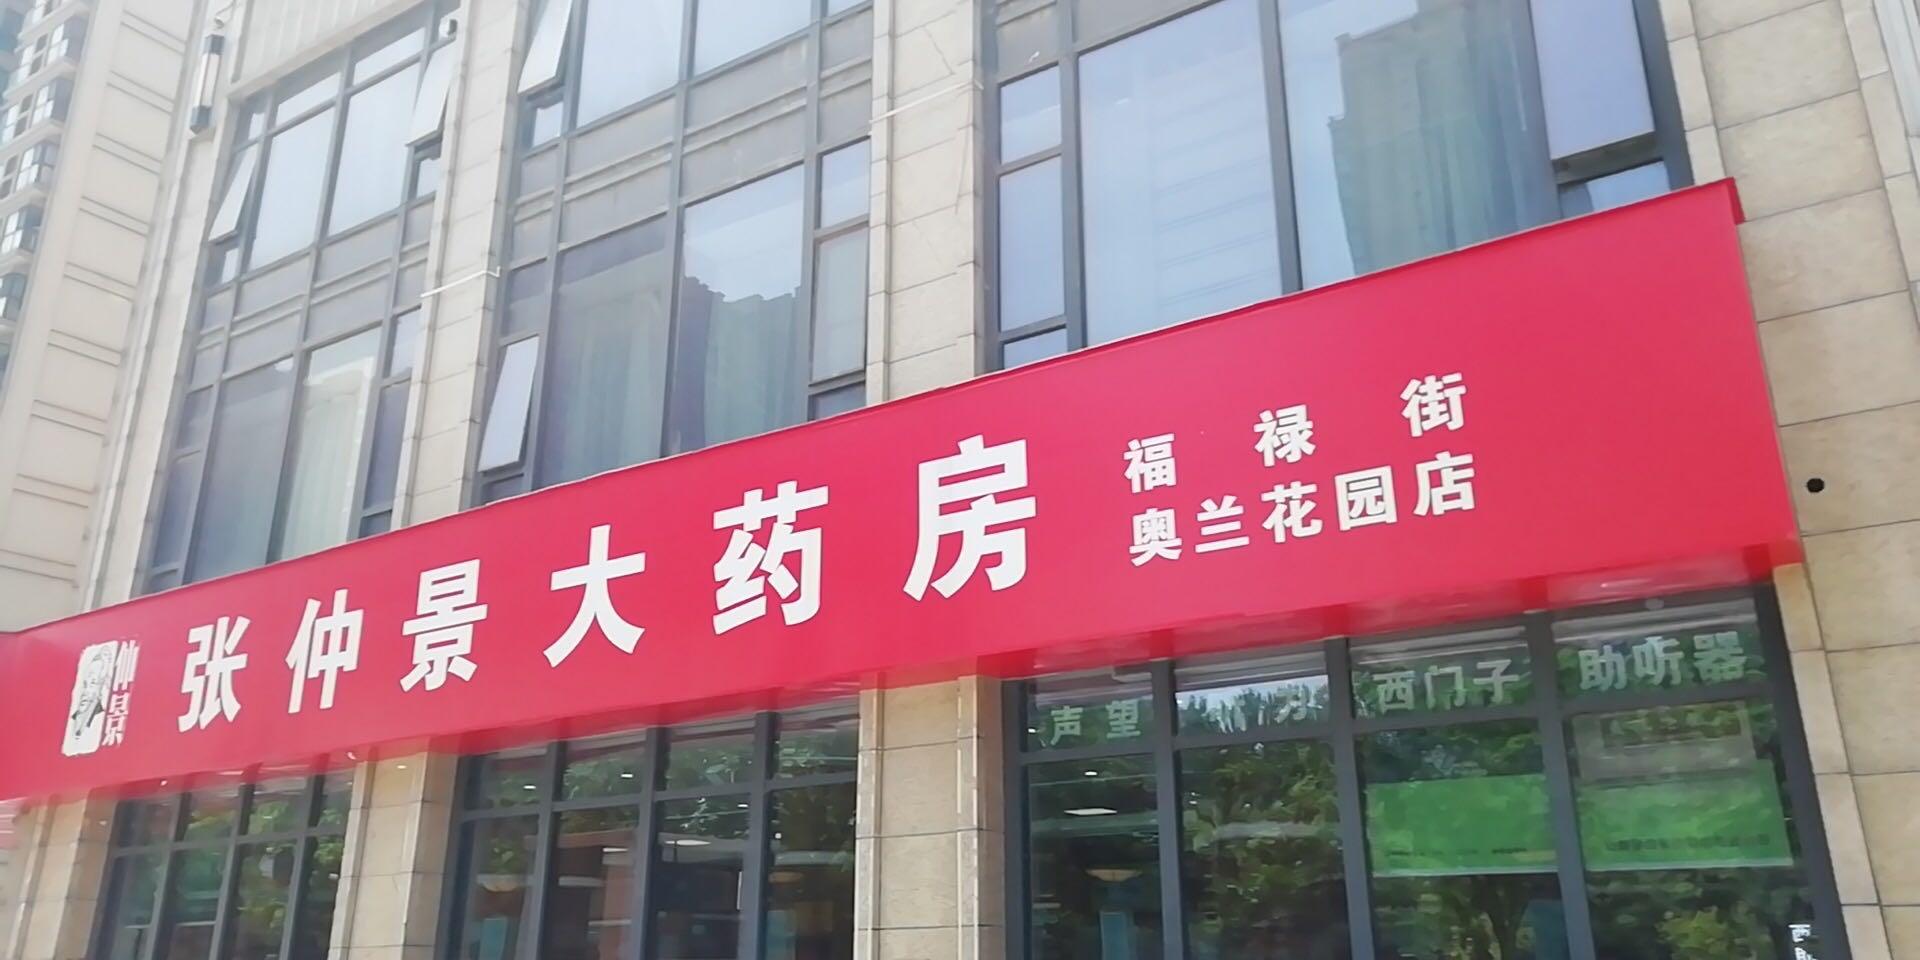 张仲景郑州奥兰花园福禄路店 验配环境展示